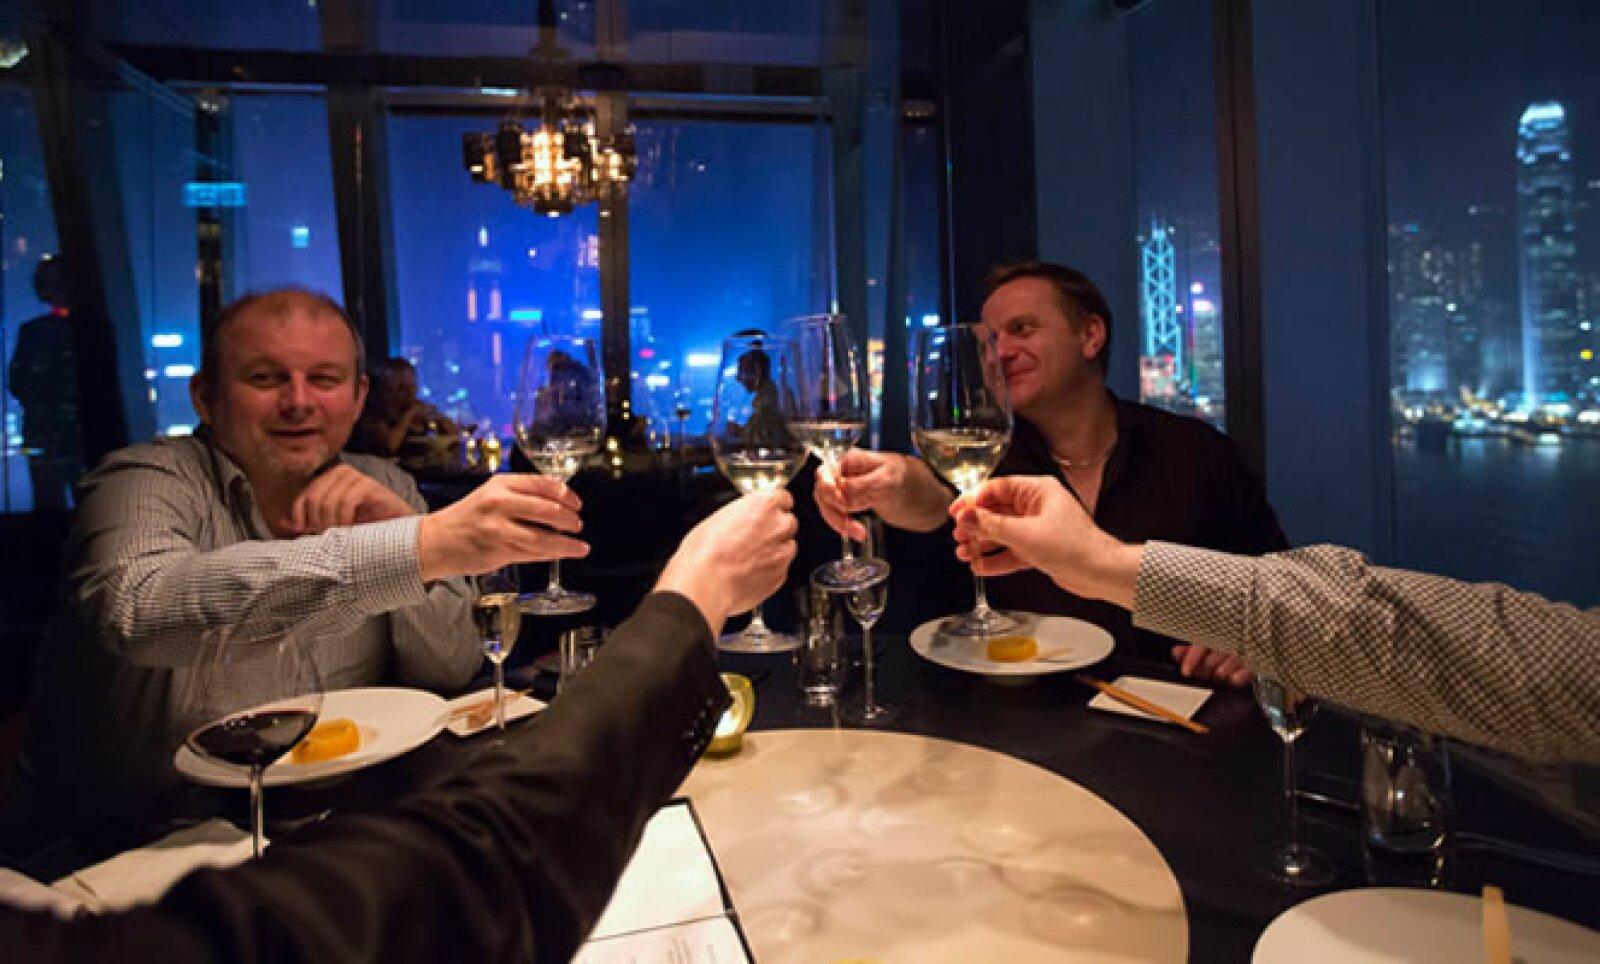 En Hong Kong, algunos celebraron con una cena de lujo que cotaba 272 dólares por persona.